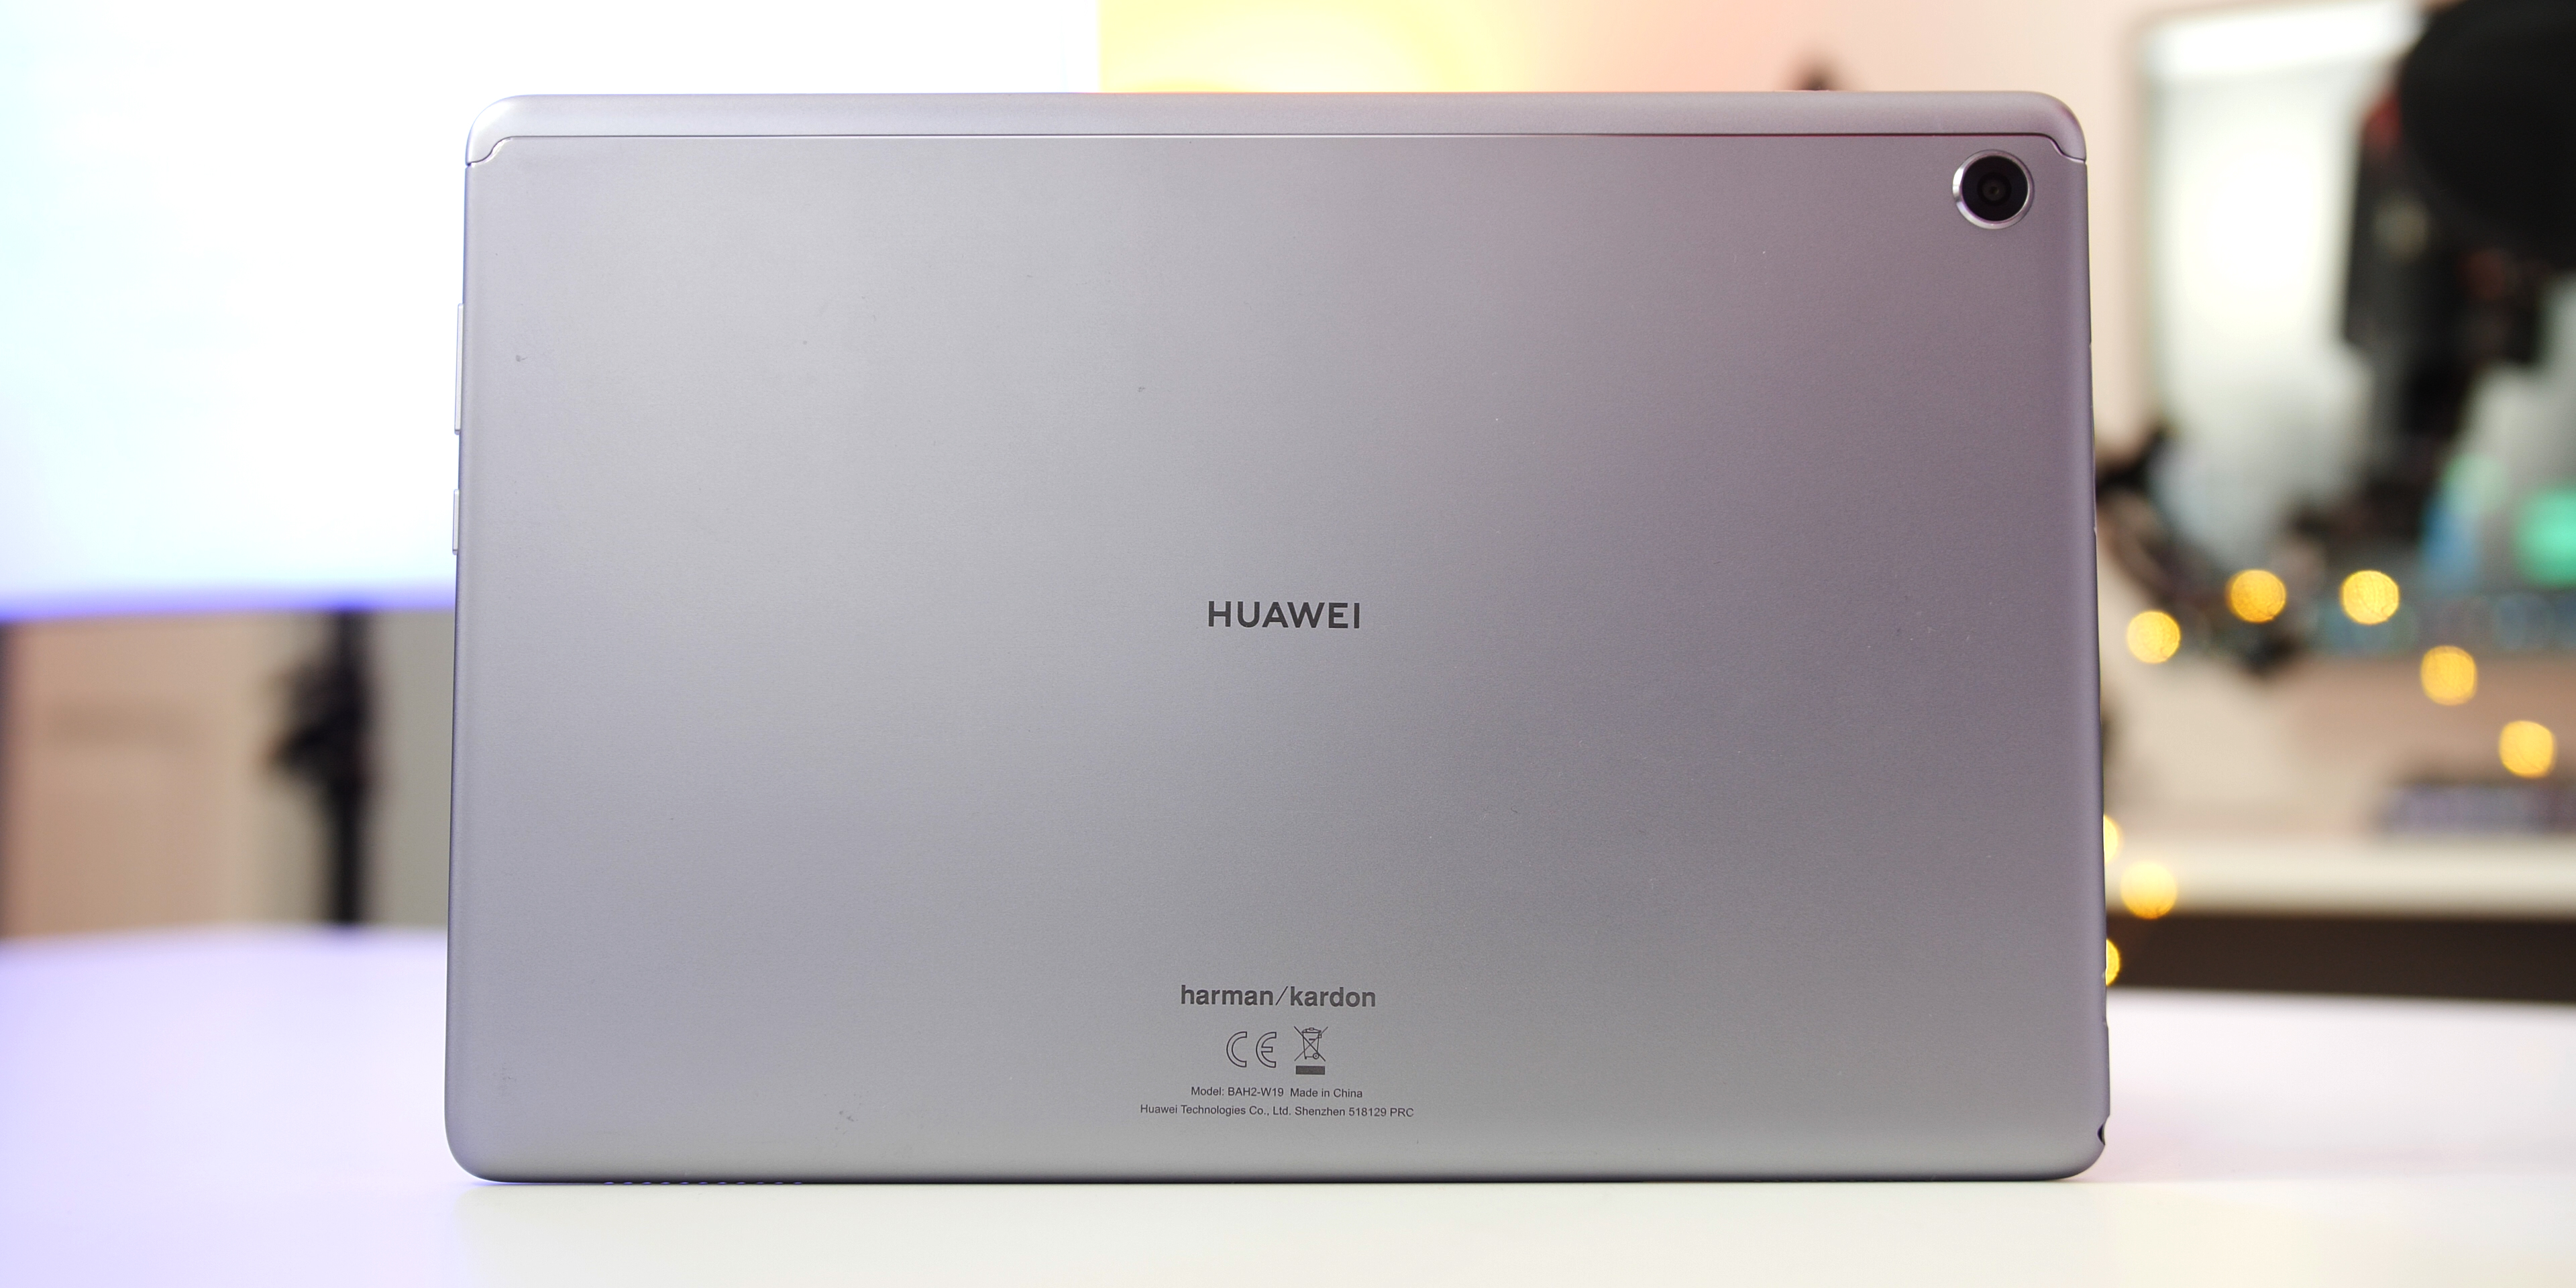 Huawei MediaPad M5 Lite Hardware and Design